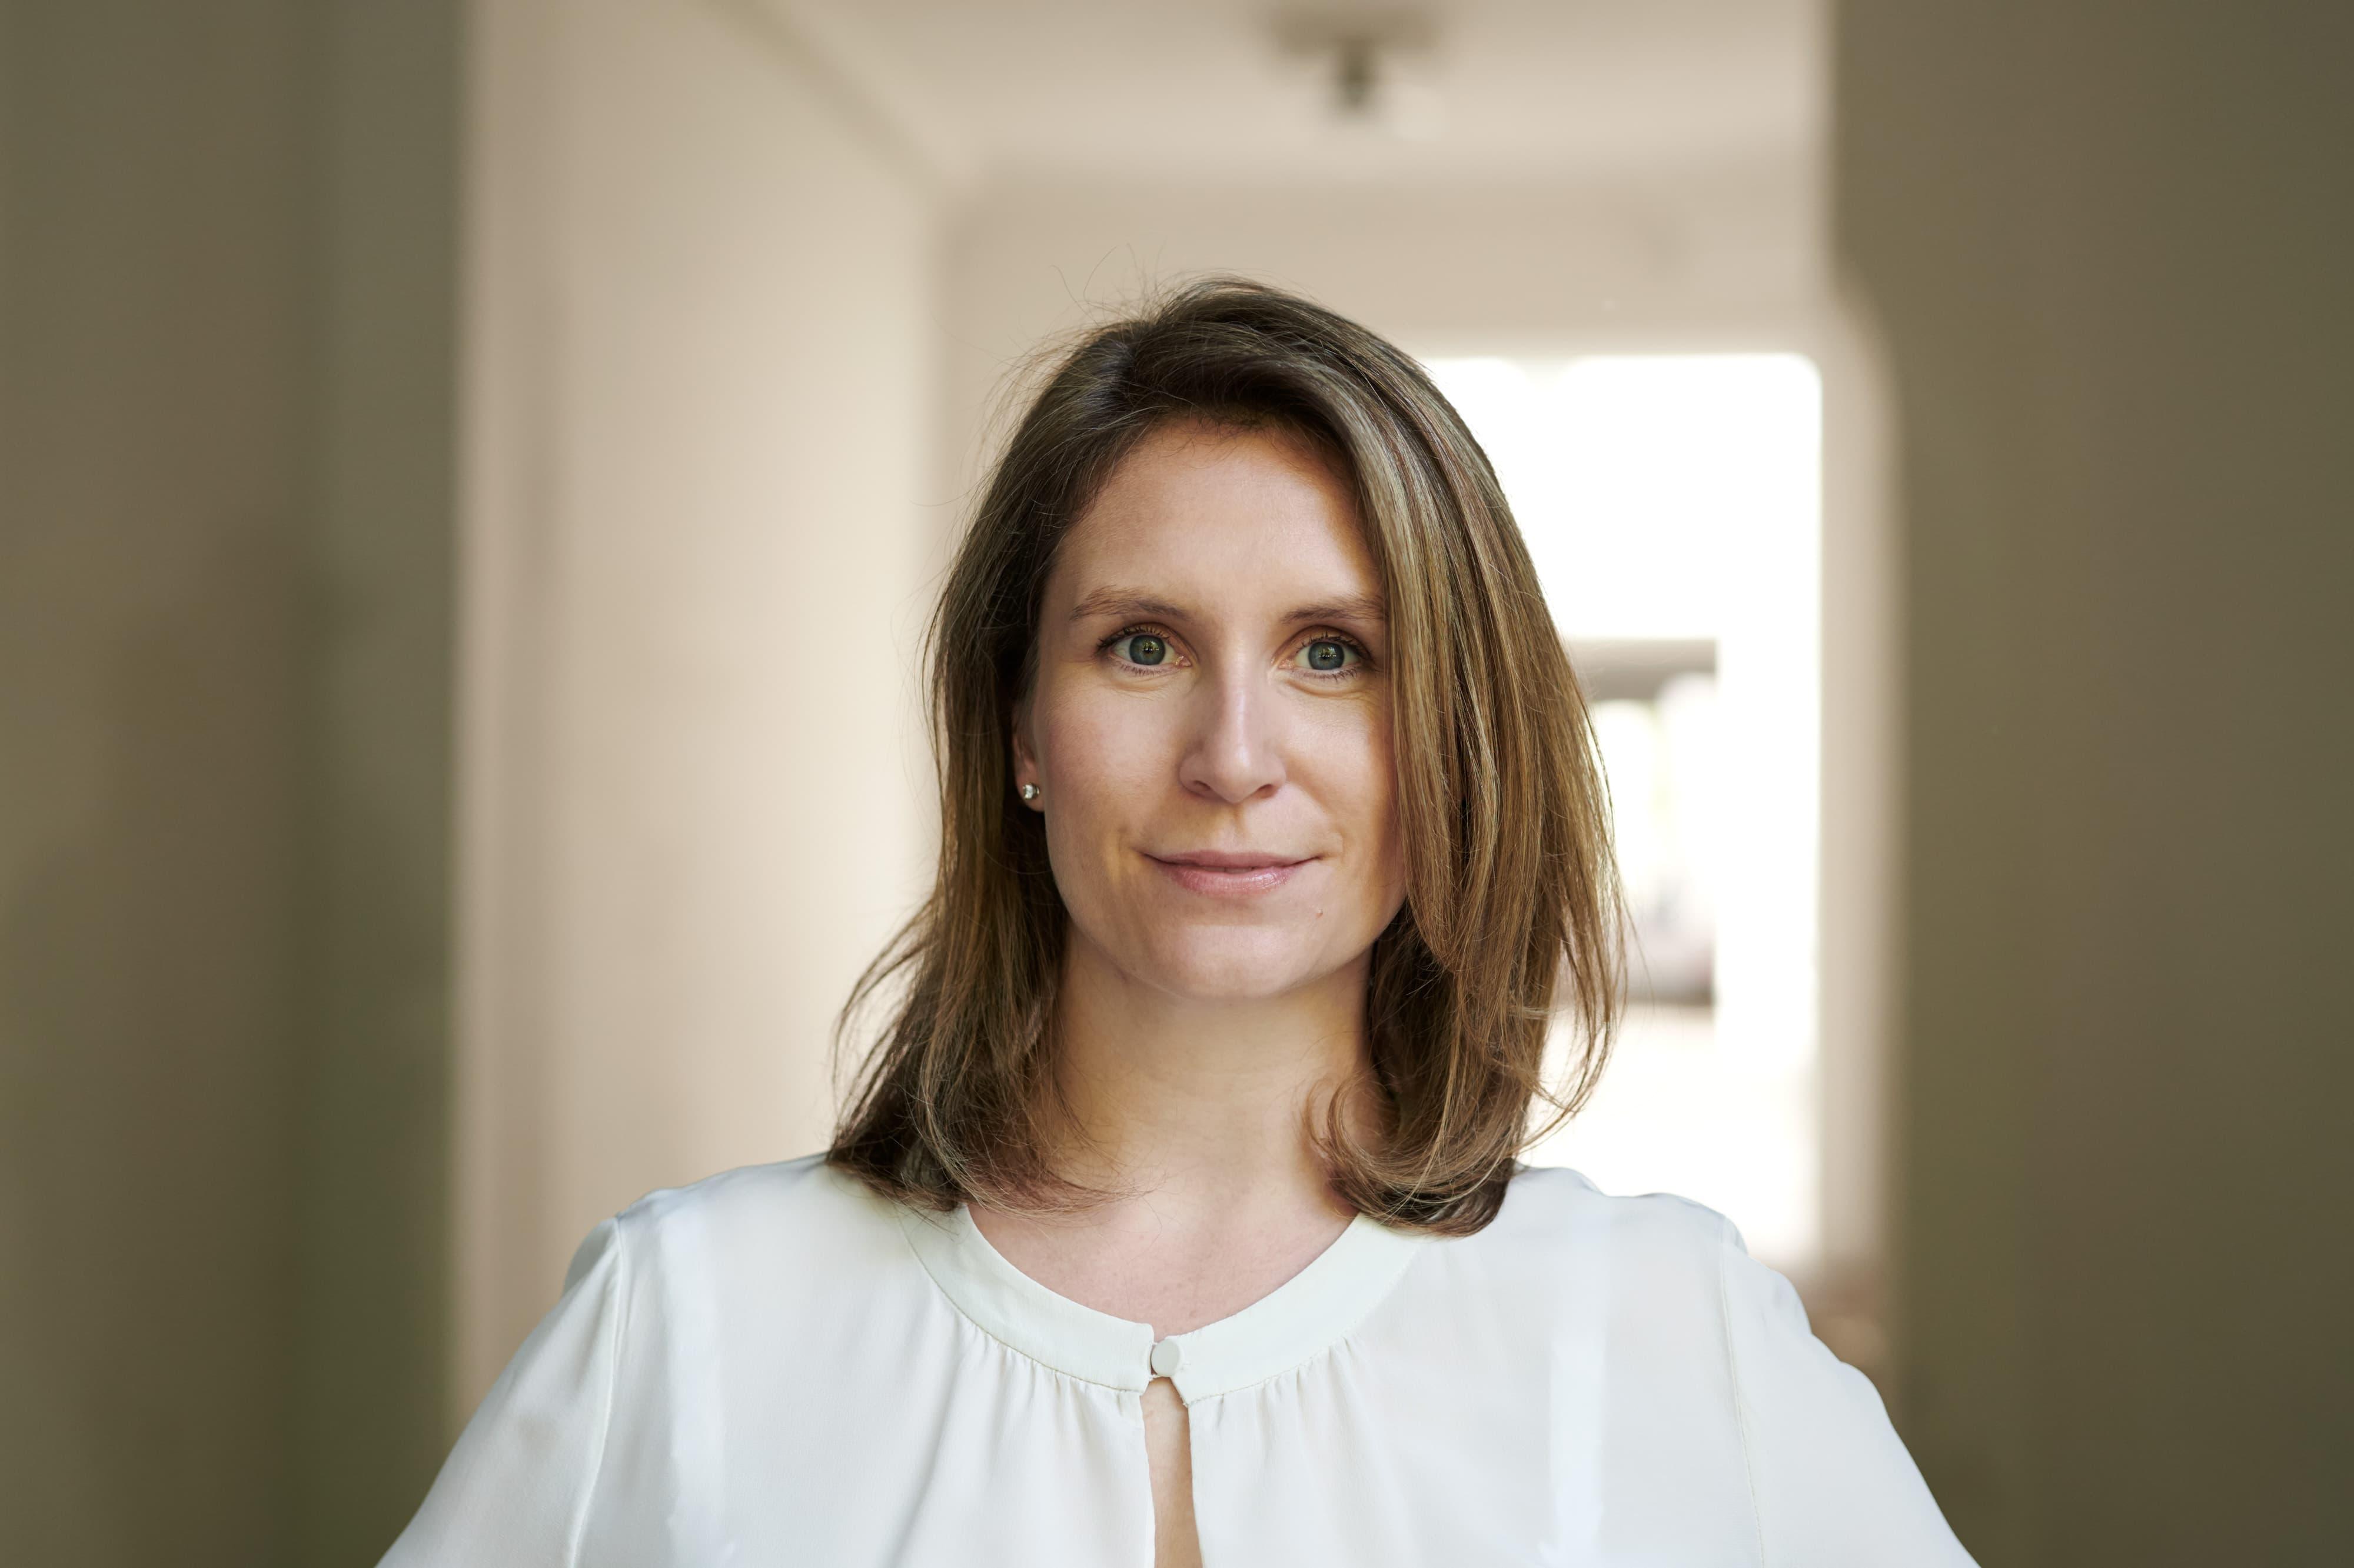 Dr. Nadine Brunner